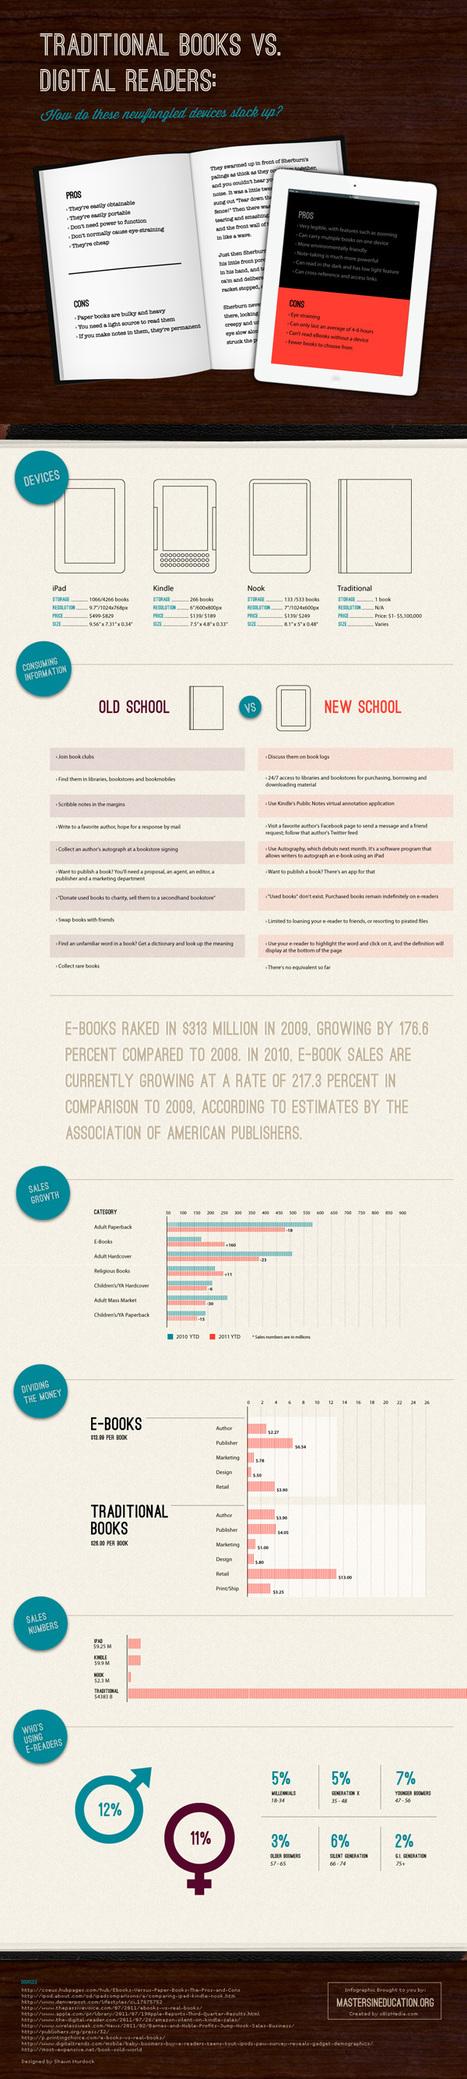 Infografik: Vergleich des traditionellen Buchs gegen eBooks ... | Publishing 2.0 | Scoop.it